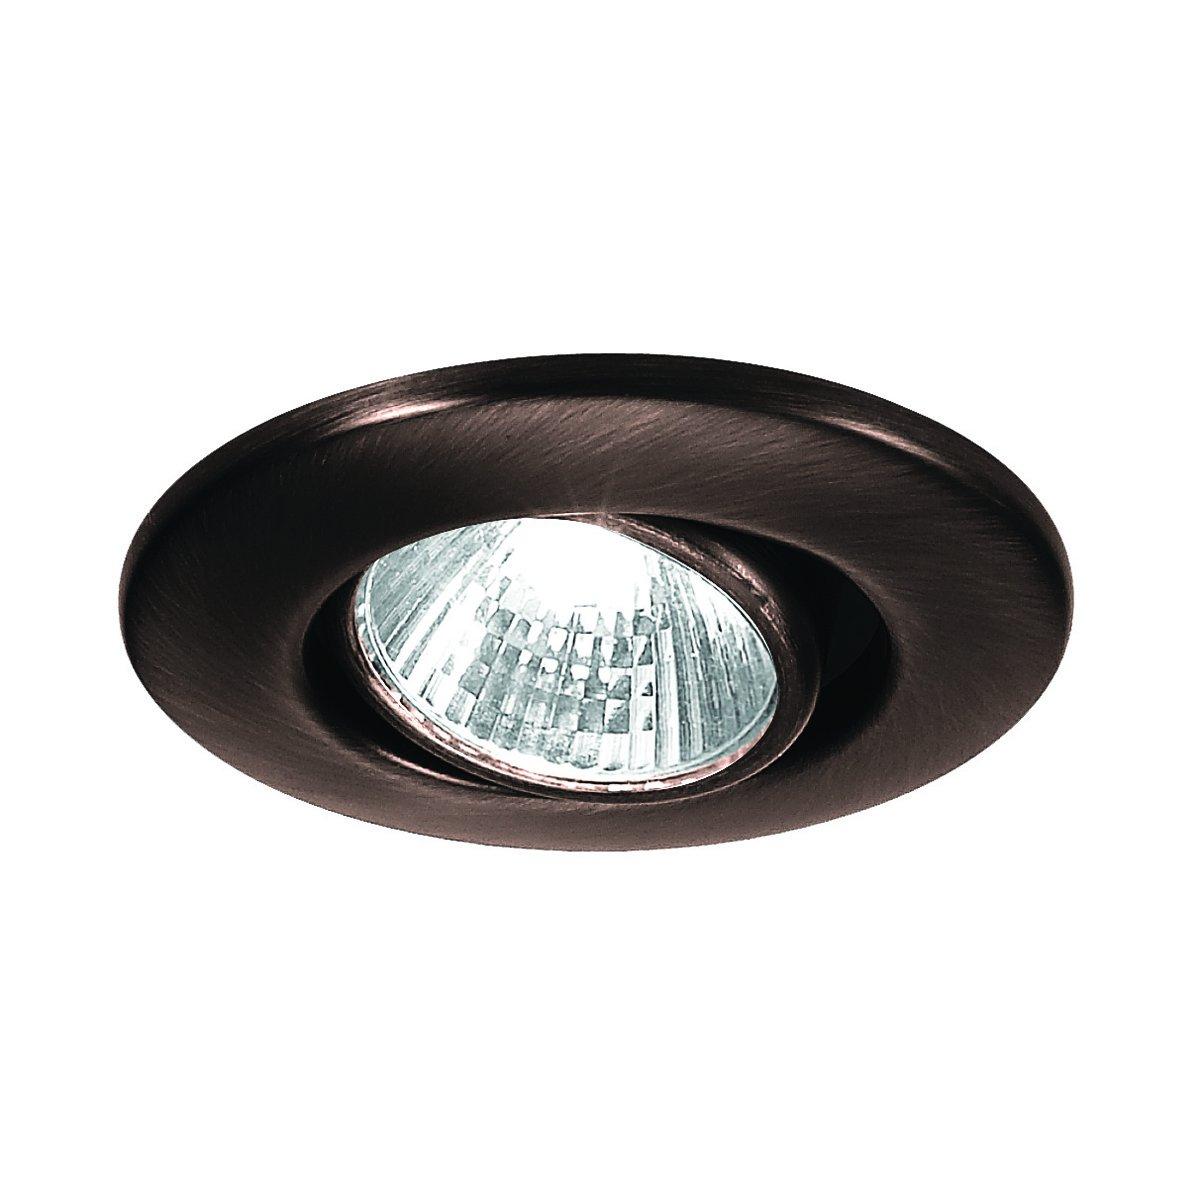 WAC Lighting HR-1137-CB Low Voltage Mini Recessed - Round Adjustable